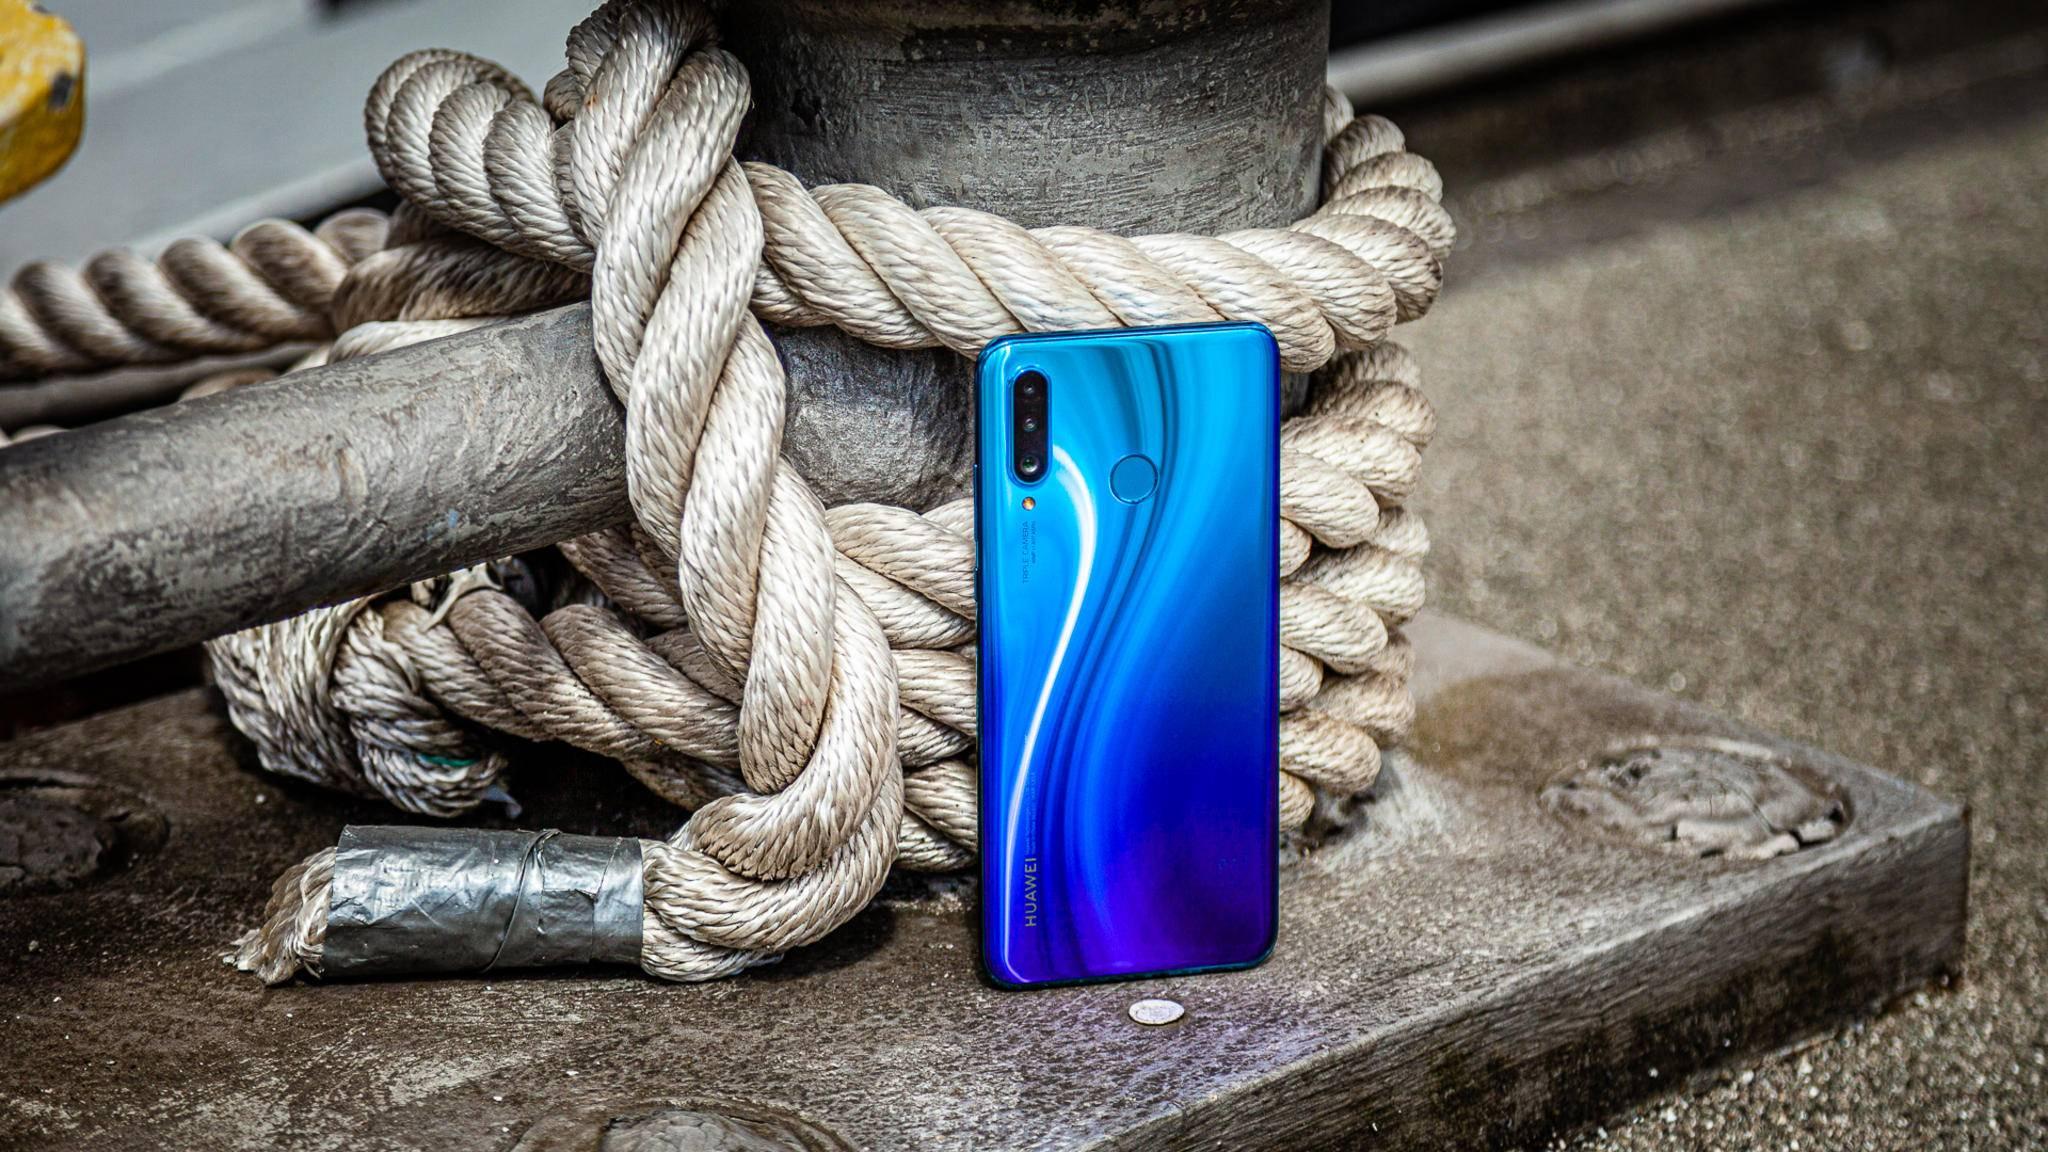 Einige US-Unternehmen liefern wieder Chips an Huawei für Smartphones und andere Geräte (hier das P30 Lite).